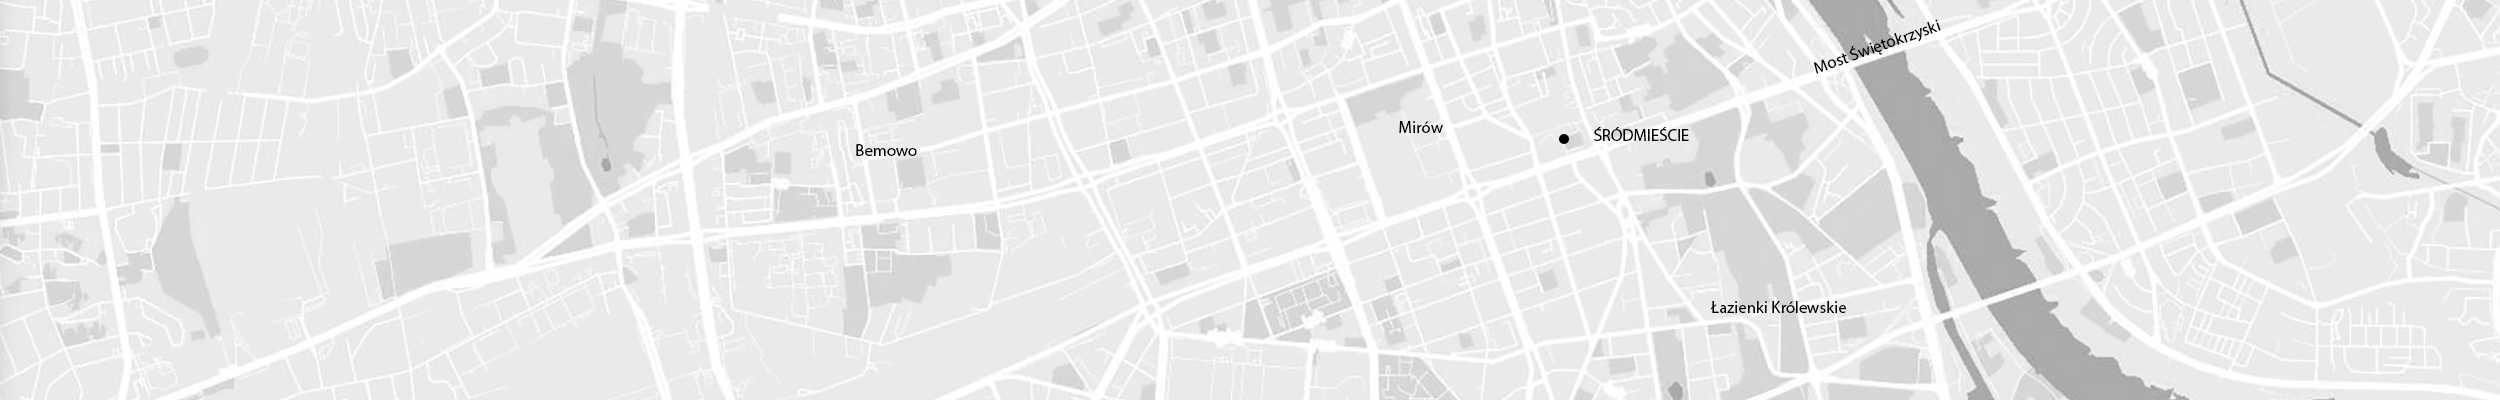 mieszkanie śródmieście mapa